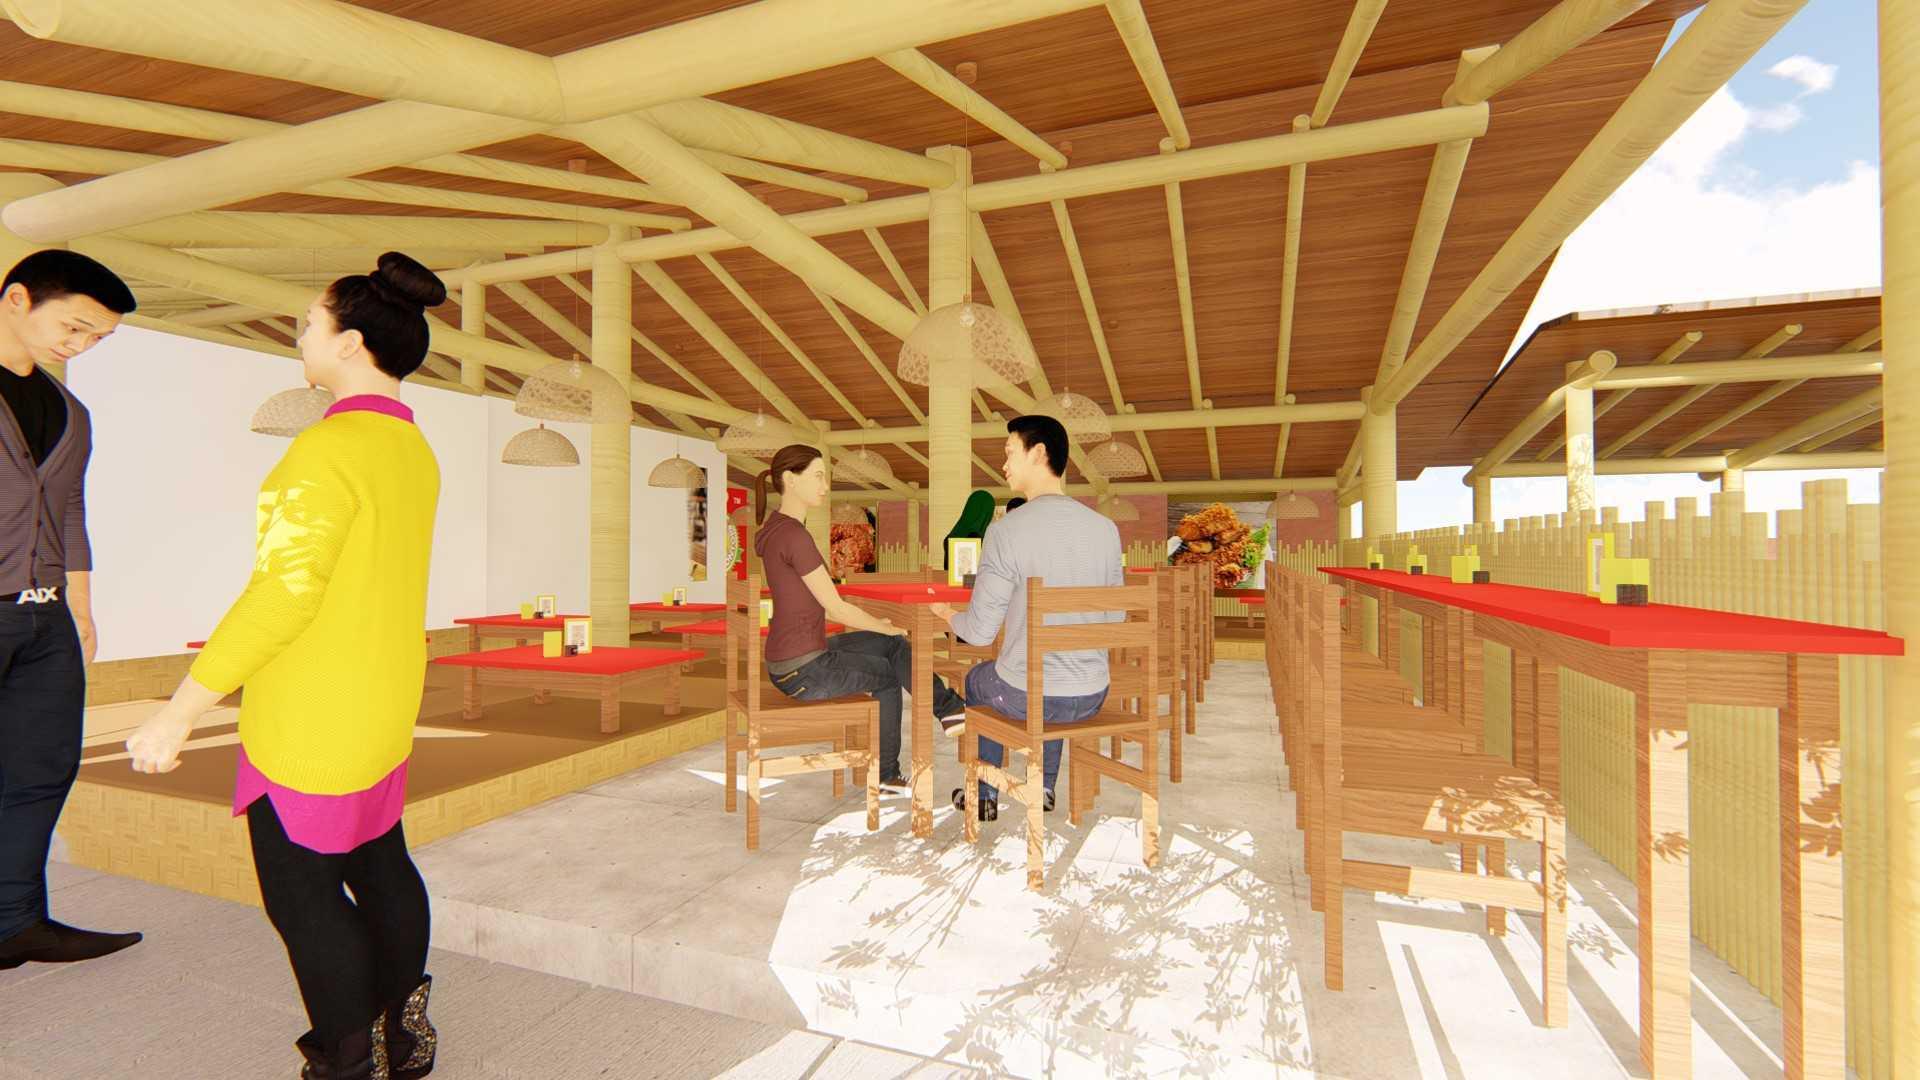 """Suba-Arch Desain Restoran Bebek Jontor Style Tropical - Pak Dindin Solahudin Selabintana, Sukabumi Jalan Selabintana, Sundajaya Girang, Kec. Sukabumi, Sukabumi, Jawa Barat, Indonesia Jalan Selabintana, Sundajaya Girang, Kec. Sukabumi, Sukabumi, Jawa Barat, Indonesia Suba-Arch-Desain-Restoran-Bebek-Jontor-Style-Tropical-Pak-Dindin-Solahudin-Selabintana-Sukabumi Tropical <P Class=""""msonormal"""">Tempat Makan Semi Out Door Berukuran 8,2 M X 8,4 M Dengan Konsep Tropical.&nbsp;kombinasi Warna Menggunakan Coklat Muda, Coklat Tua, Merah Dengan Krem Yang Dominan. Material Dinding Menggunakan Bambu Berwarna Krem Yang Membuat Tempat Makan Menjadi Sejuk, Meja Terbuat Dari Material Kayu Dicat Merah Menyala, Dan<Span Style=""""mso-Spacerun: Yes;"""">&nbsp; </span>Lantai Duduk Terbuat Dari Material Kayu Dicat Coklat Tua.</p> 66470"""